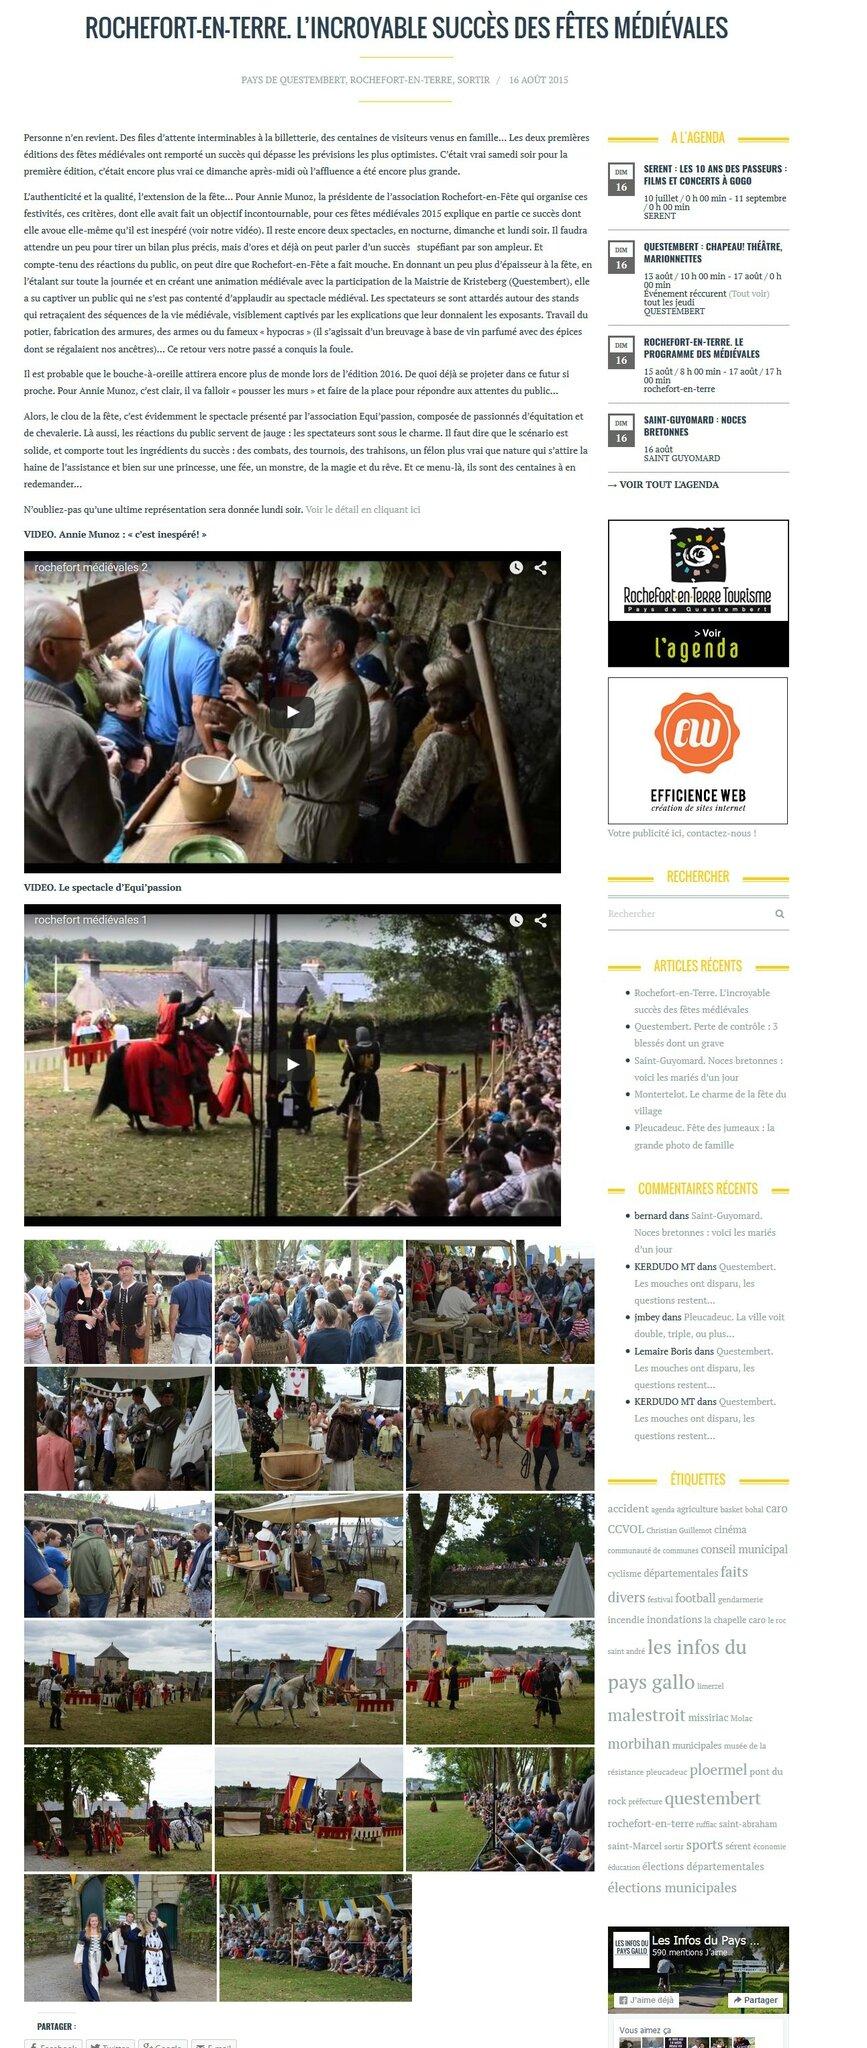 Les infos du pays gallo 17 08 2015 rochefort en f te - Office du tourisme rochefort en terre ...